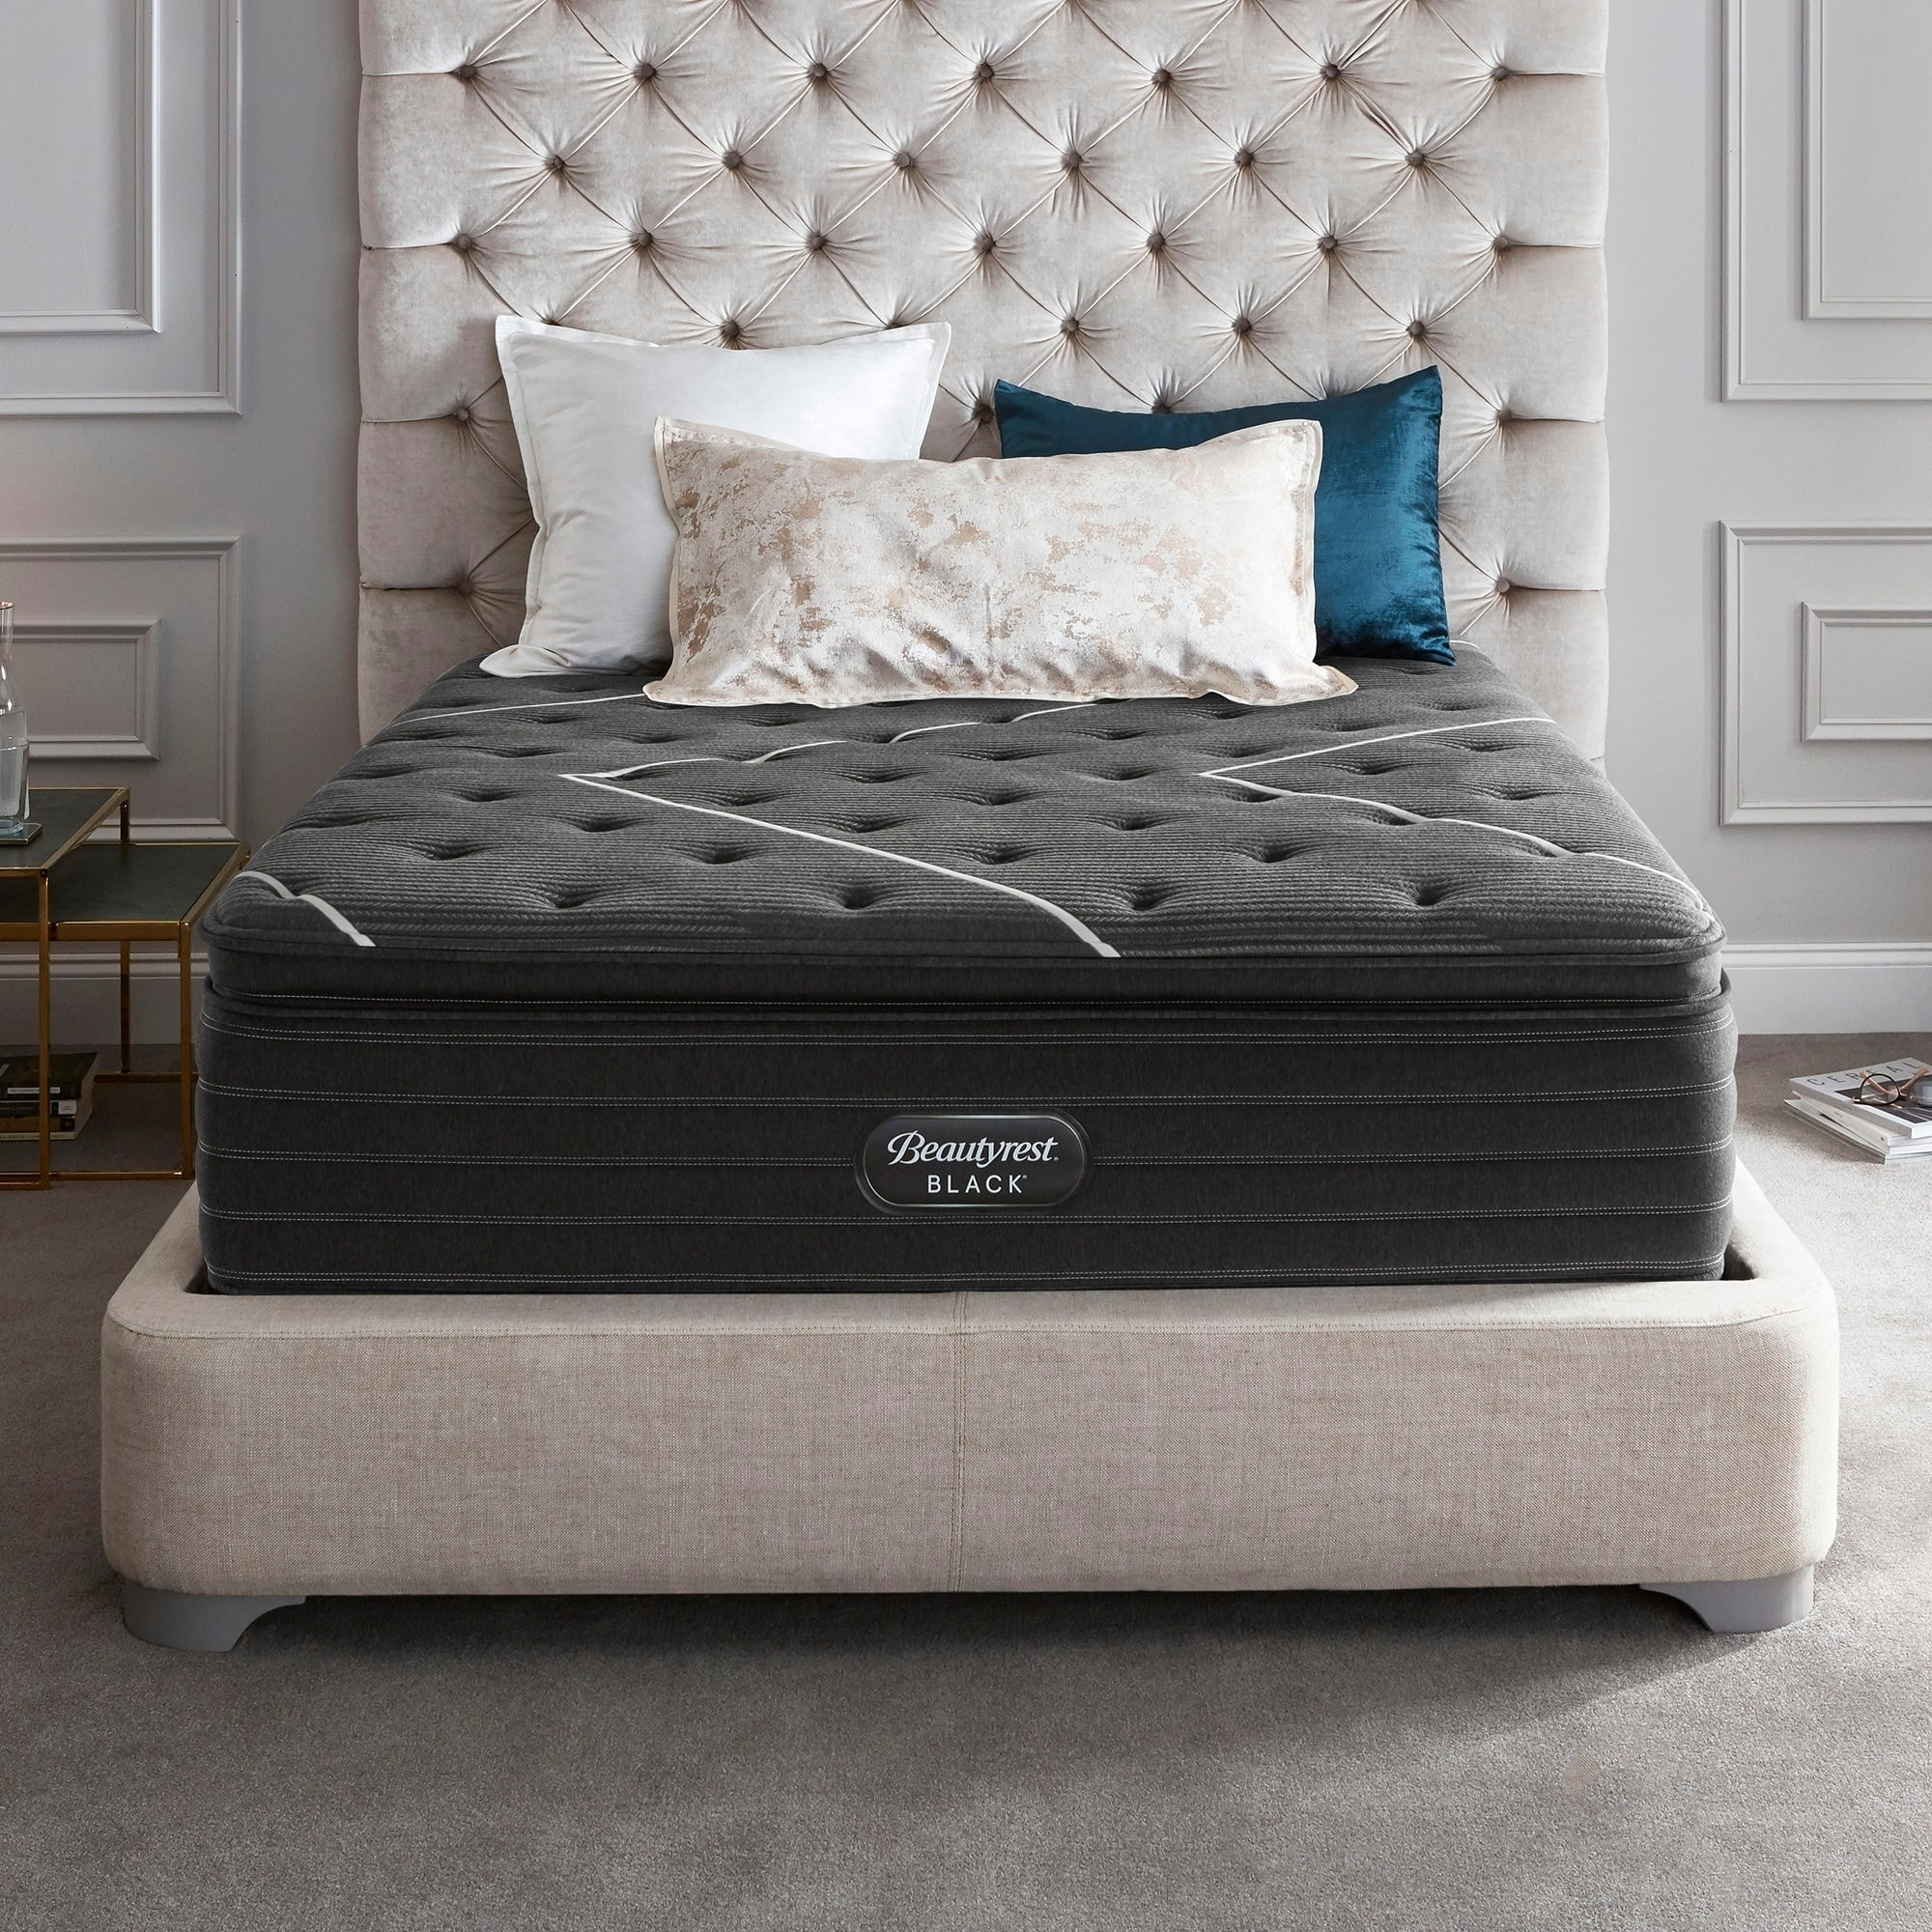 Beautyrest Black K-Class 17-inch Firm Pillow Top Mattress Set (Queen - Low Profile)